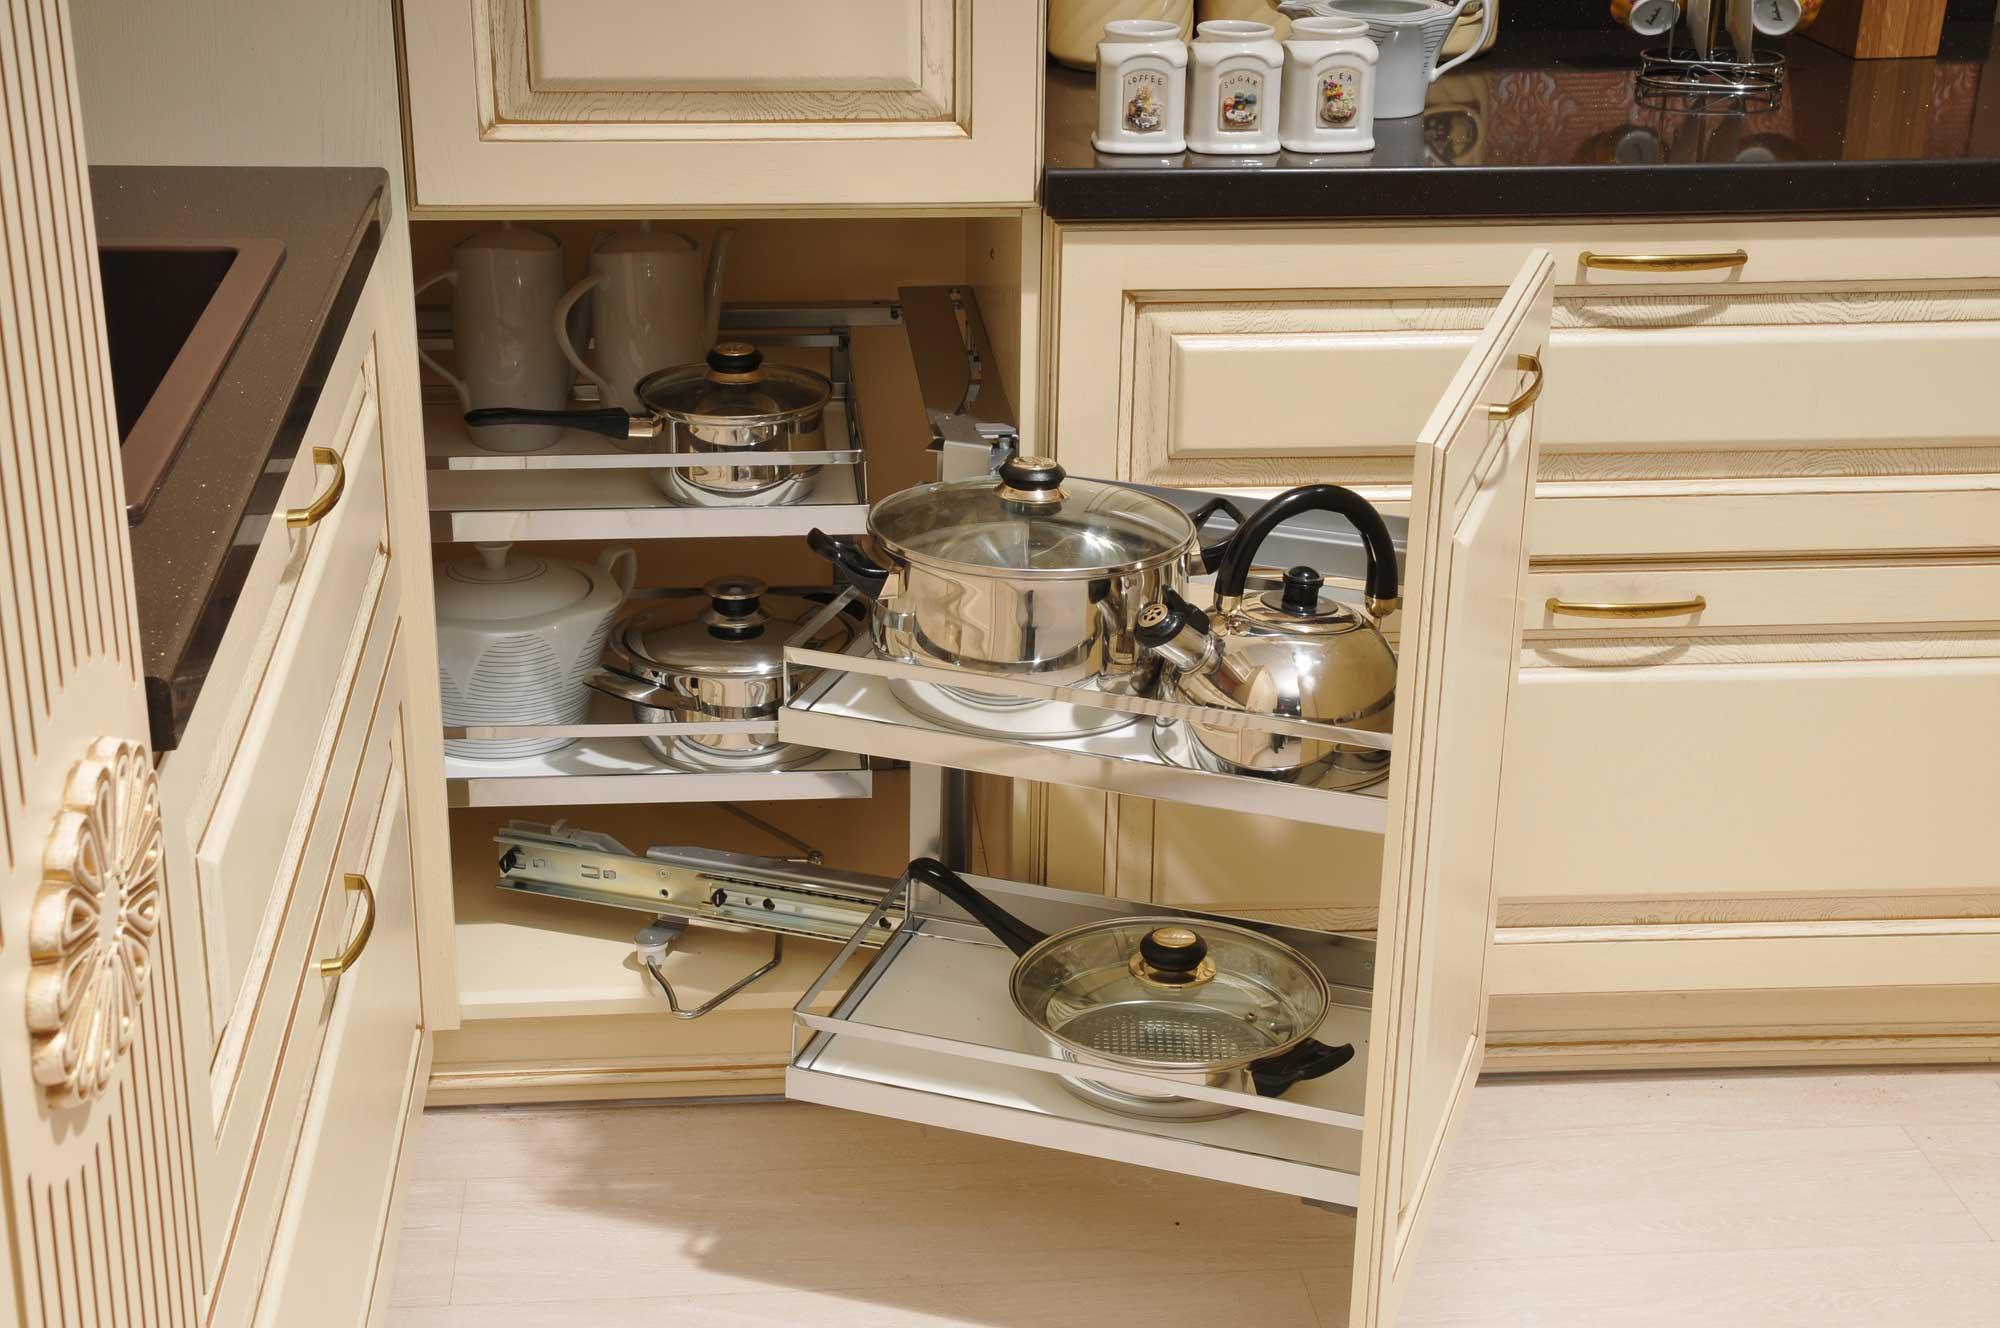 первую очередь как правильно расставить шкафы на кухне фото белом свете лет